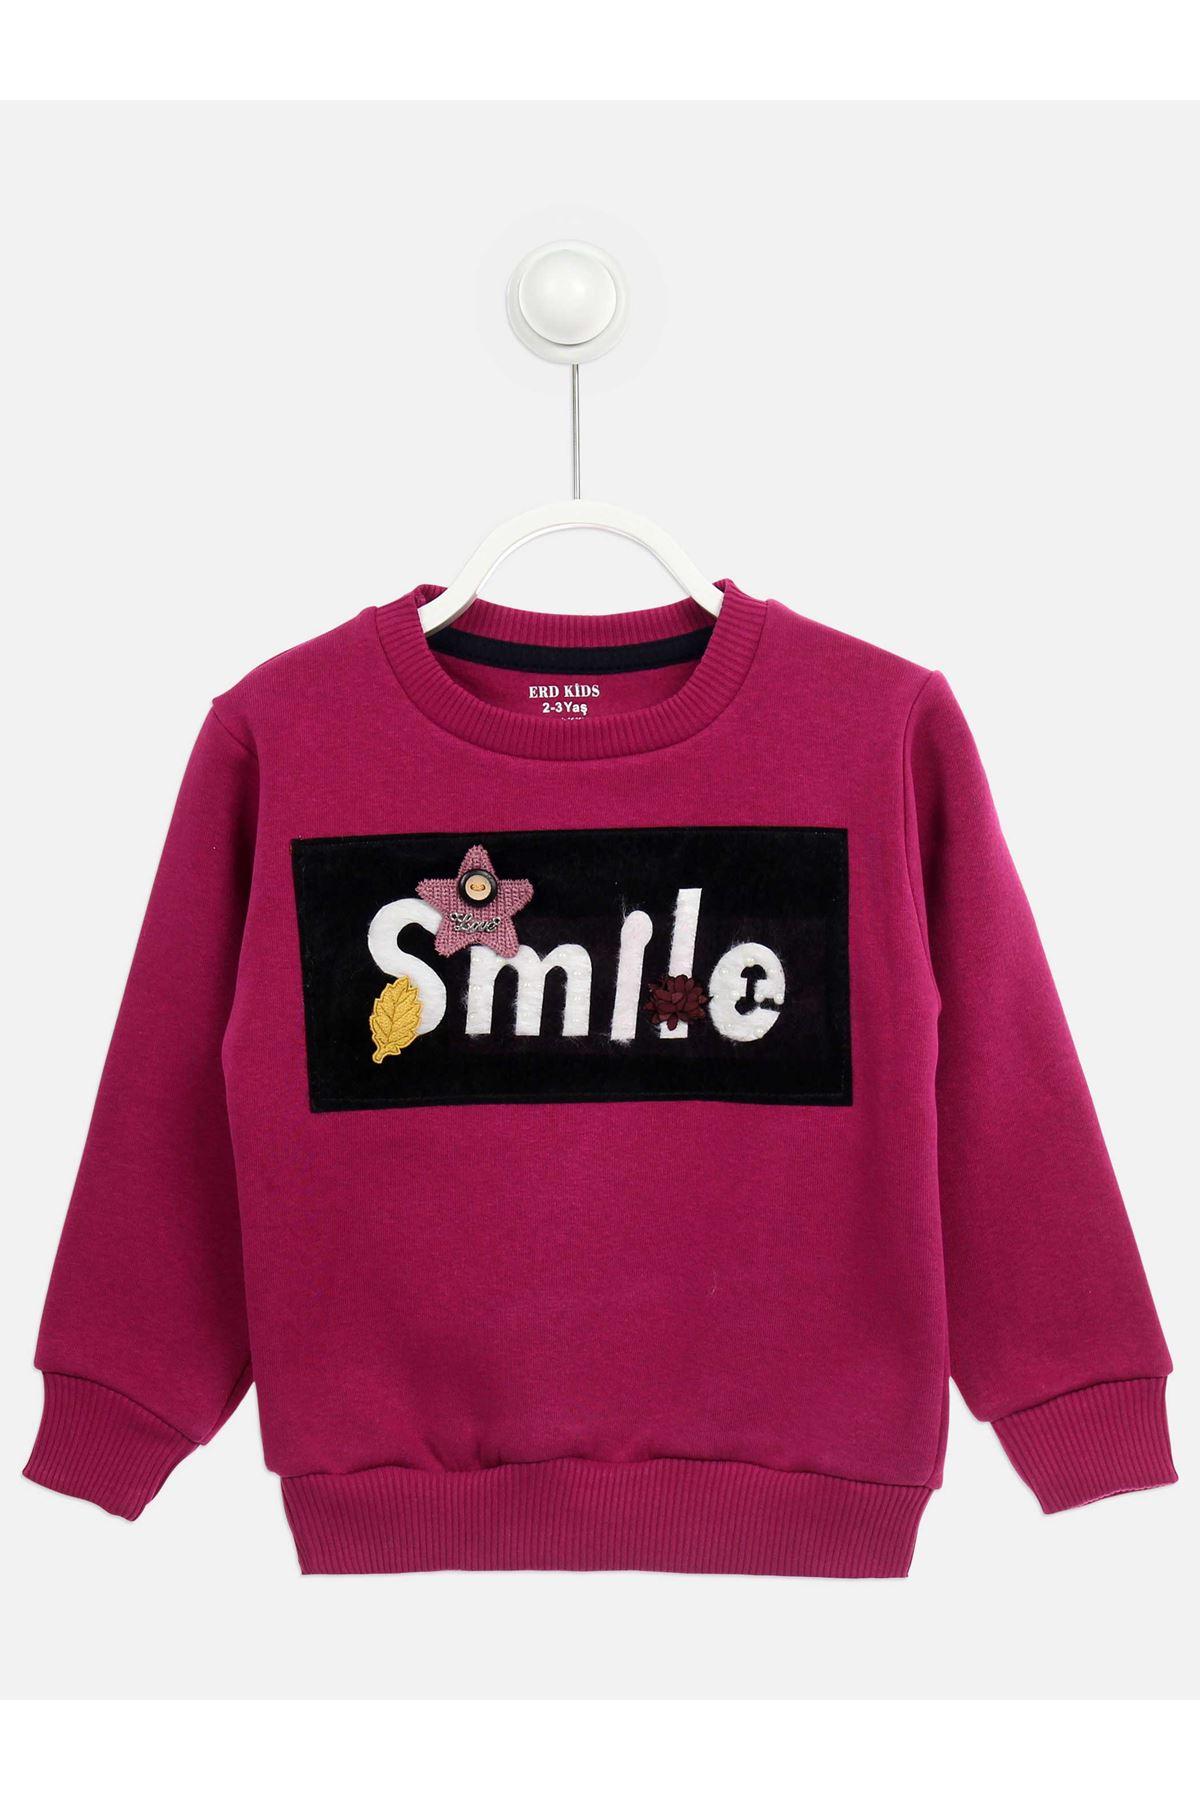 Mor Kışlık Kız Çocuk Sweatshirt